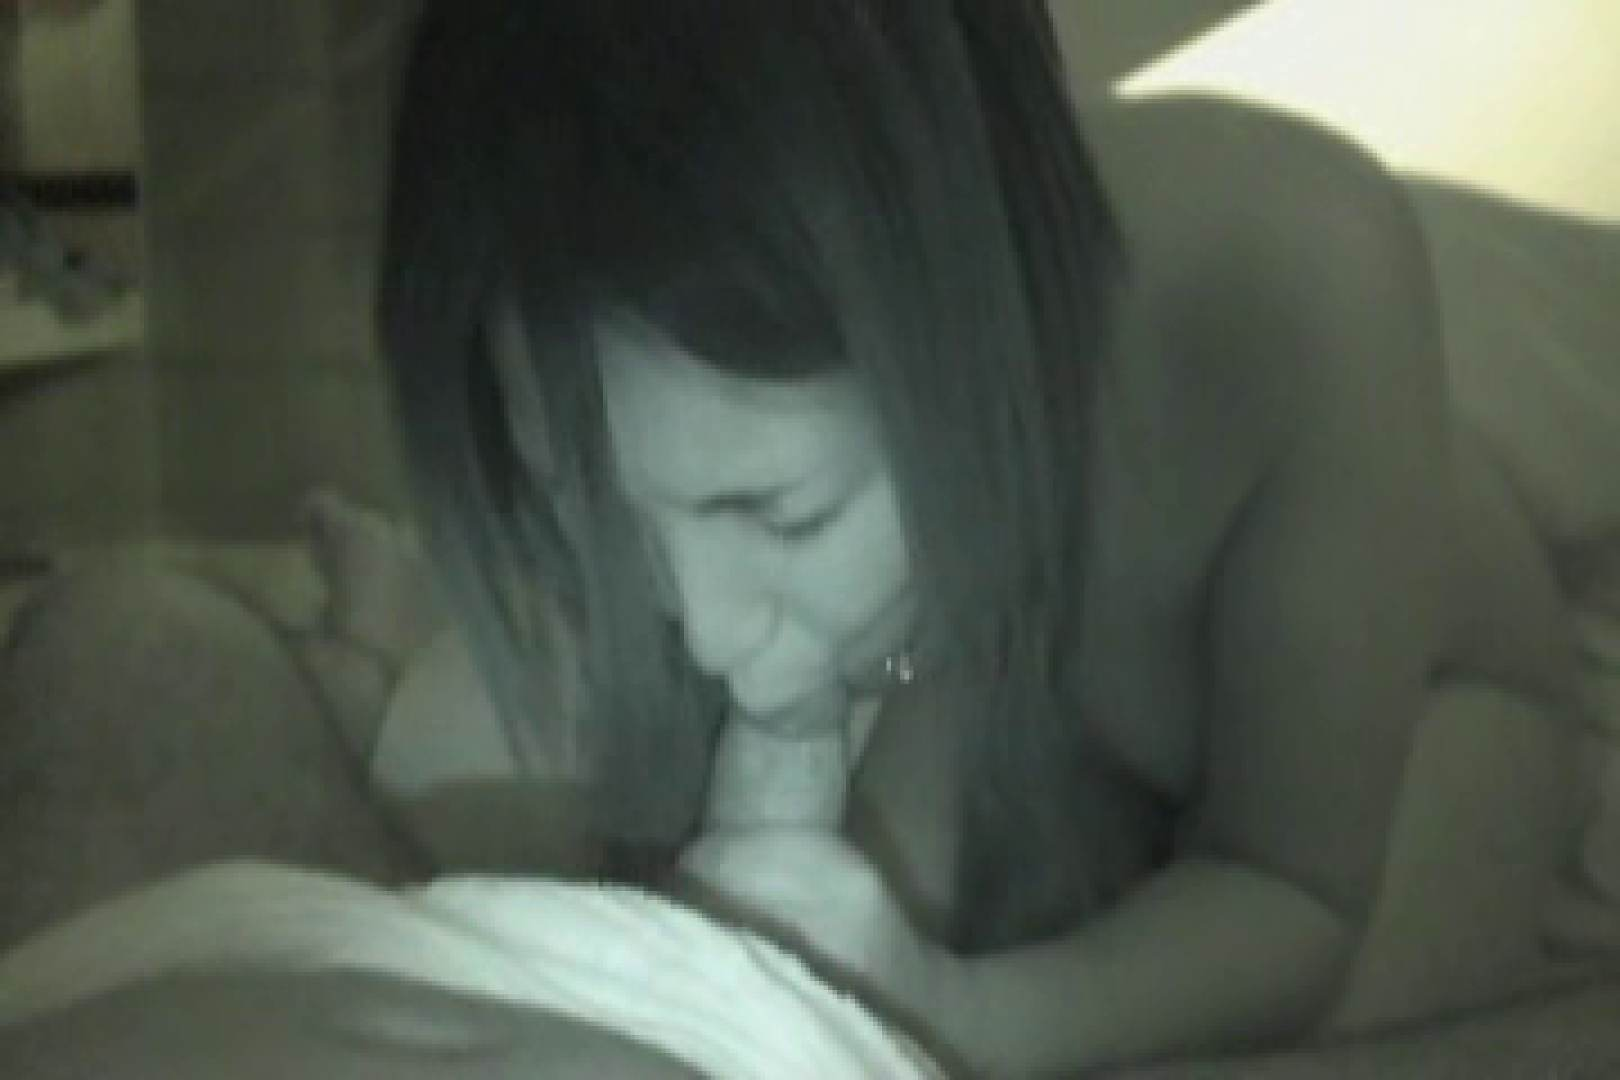 タレ目ちゃんに電気を消して中出し アナルプレイ エロ画像 105pic 94